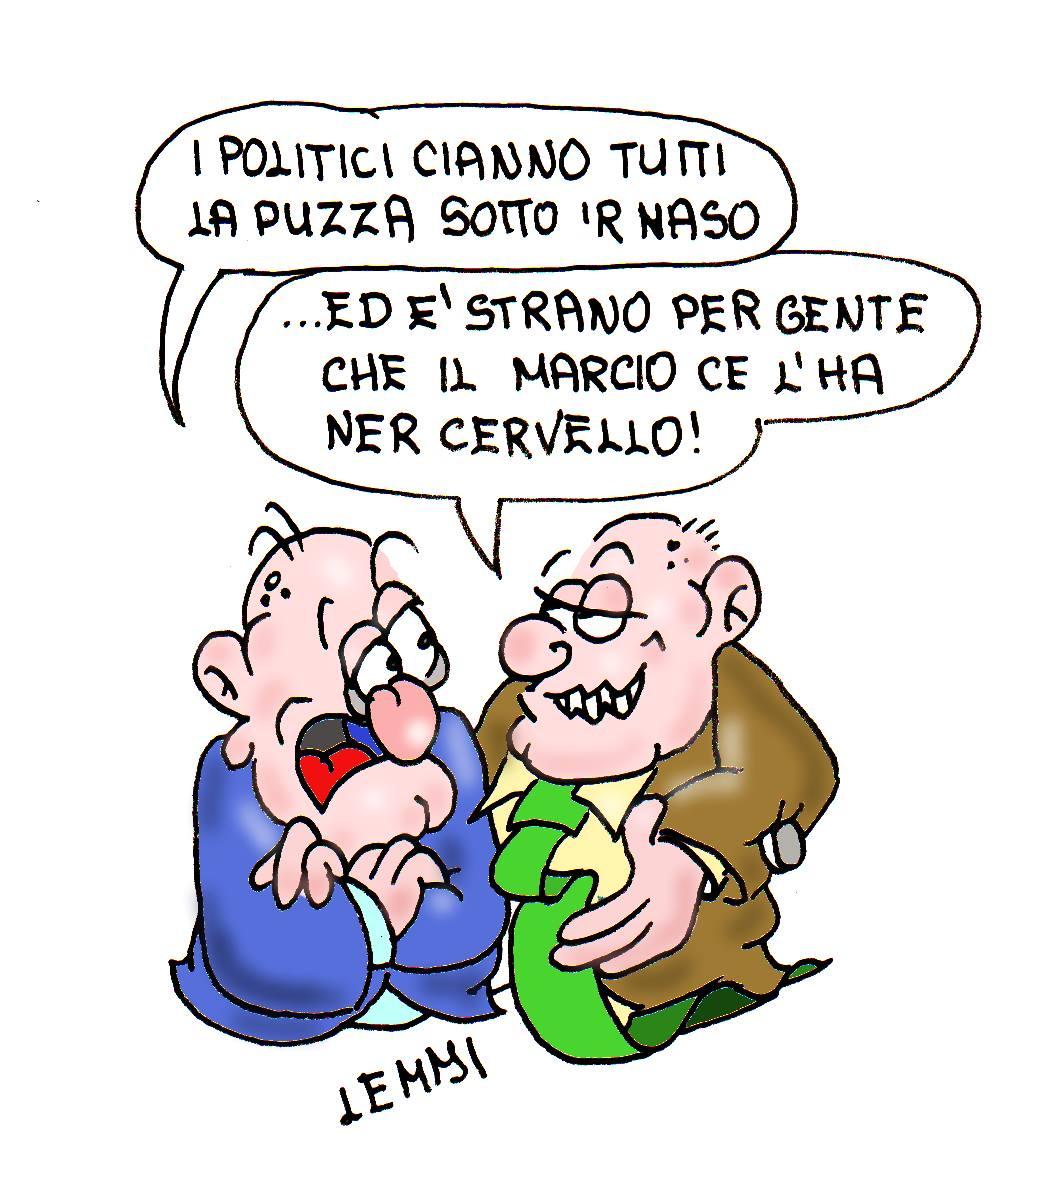 Una nuova vignetta di Giuliano Lemmi